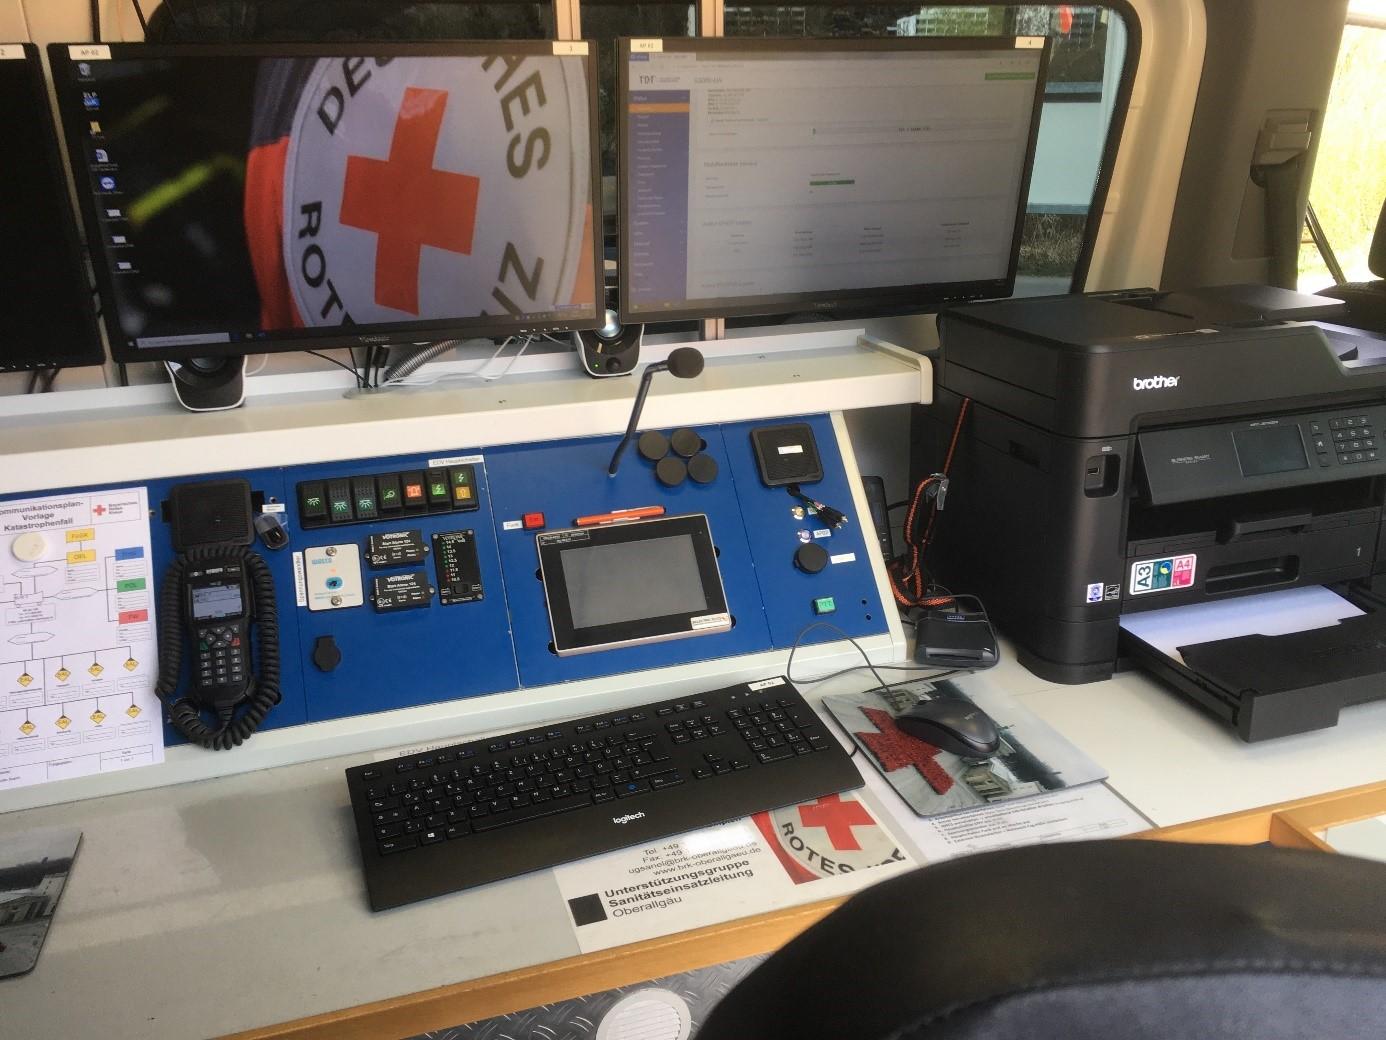 Bild: Einer von zwei vollausgestatteten Arbeitsplätzen mit PC, Funk, Telefon und Multifunktionsdrucker.